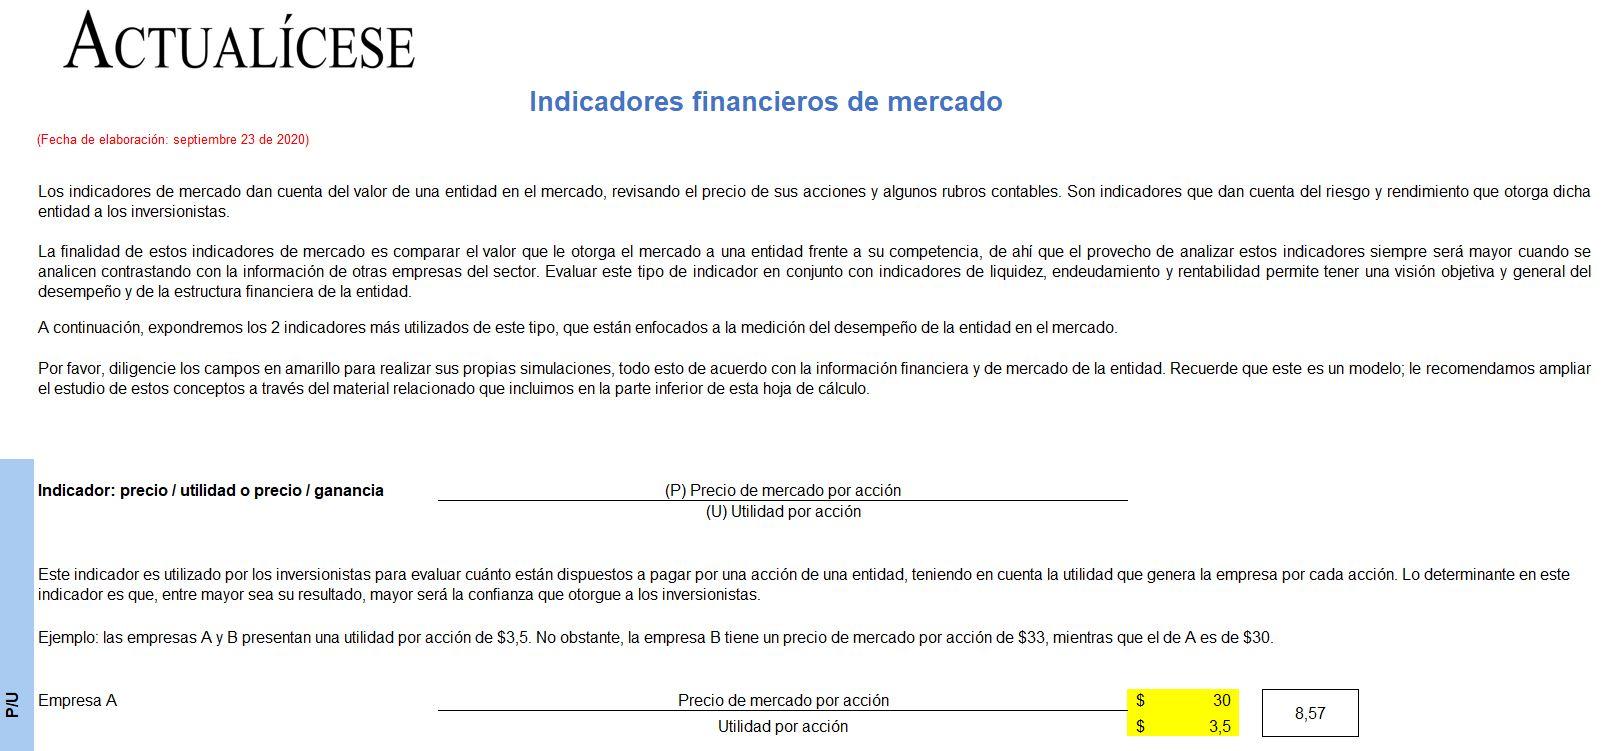 Indicadores financieros de mercado